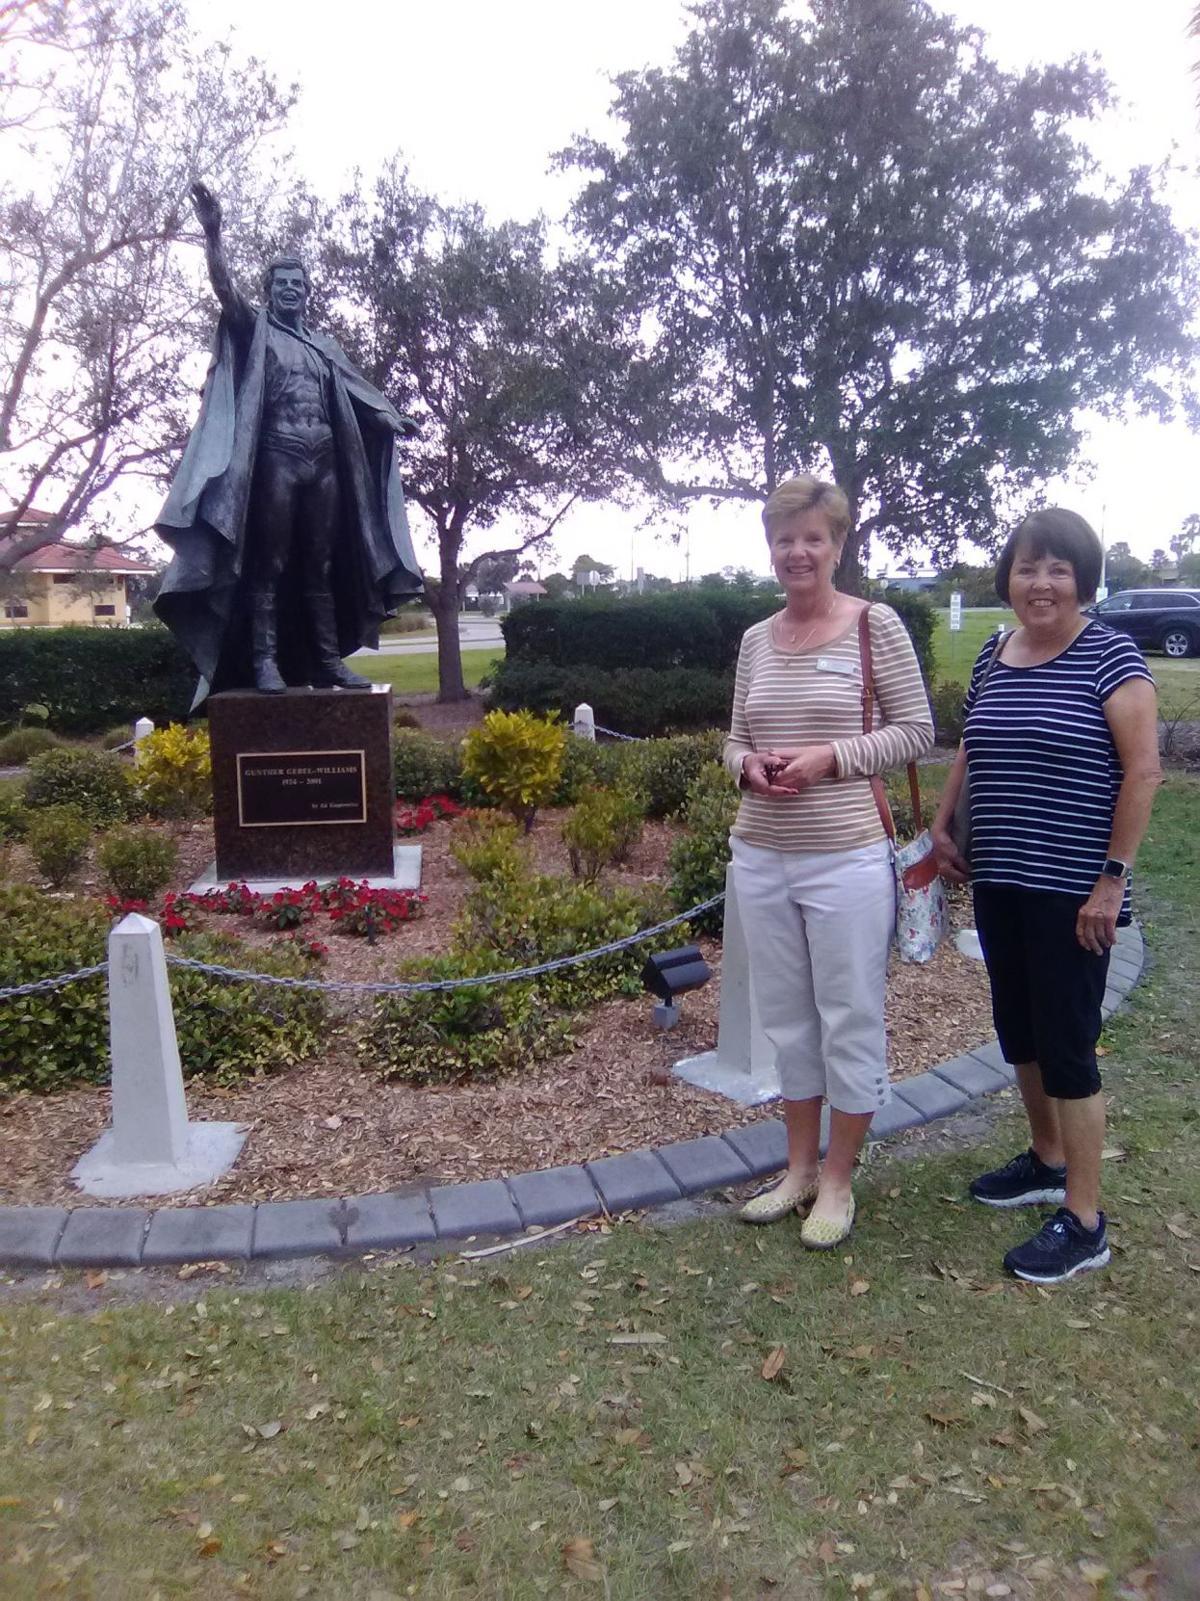 Pelican Pointe Garden Club continues to maintain circus star's memorial garden